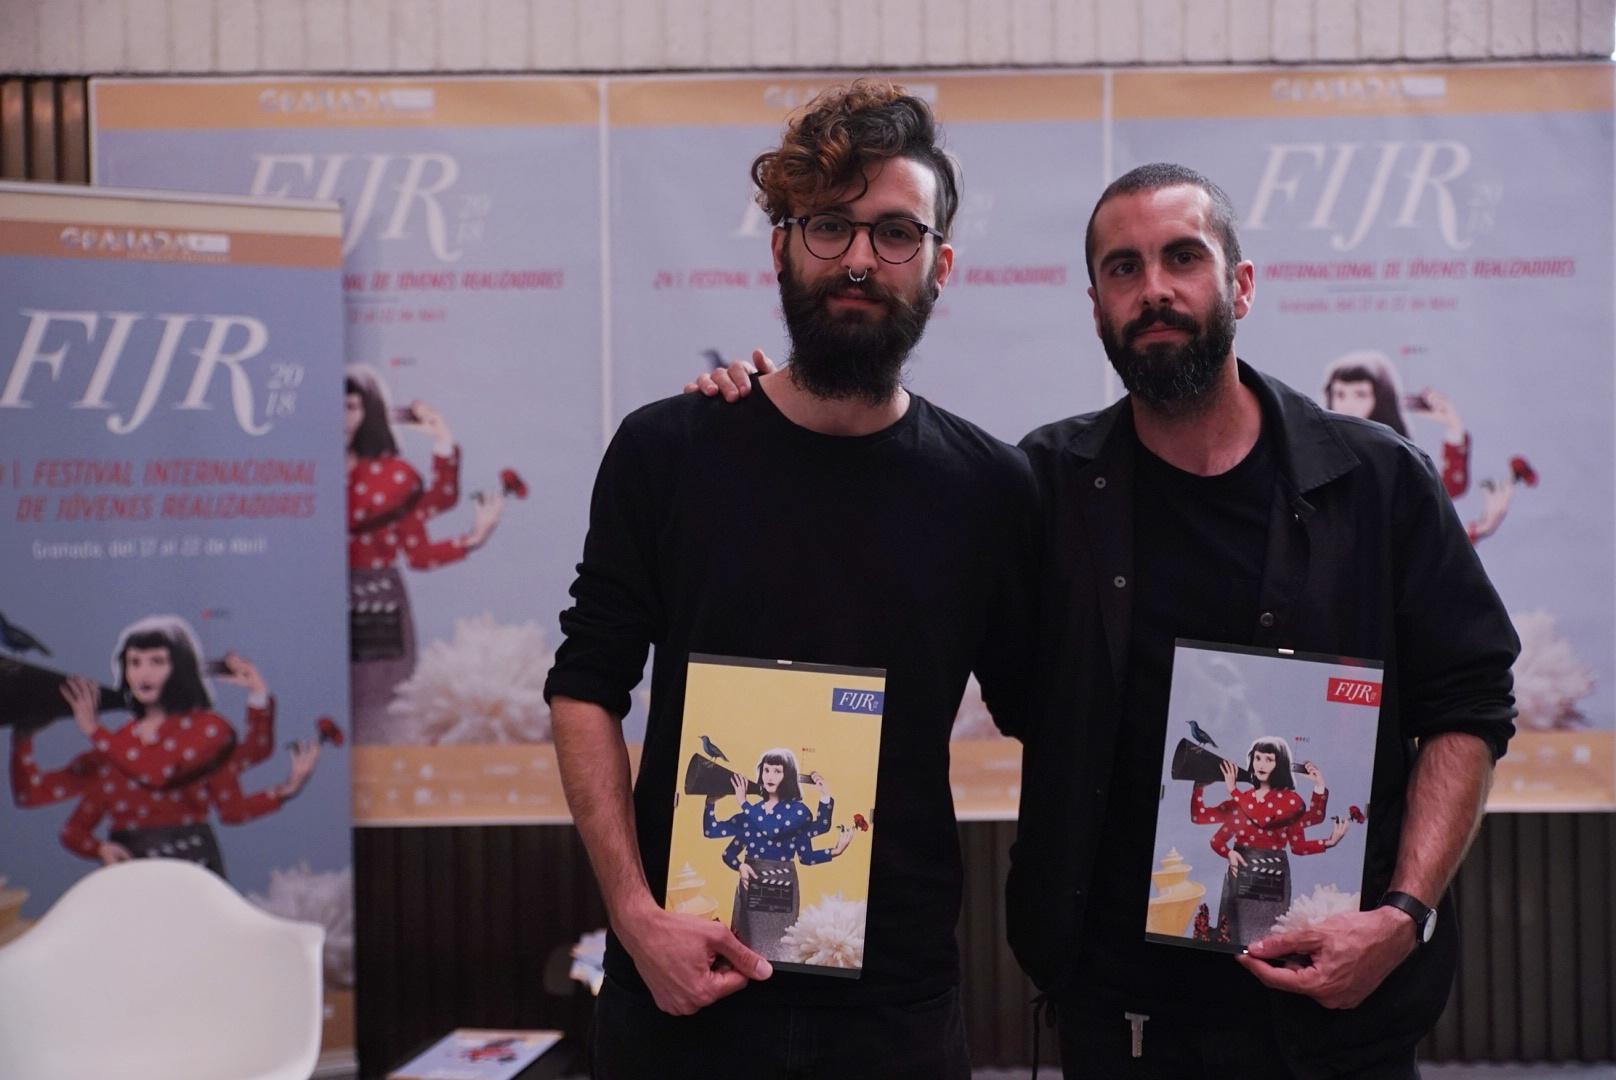 El Festival de Jóvenes Realizadores premia a los nuevos talentos